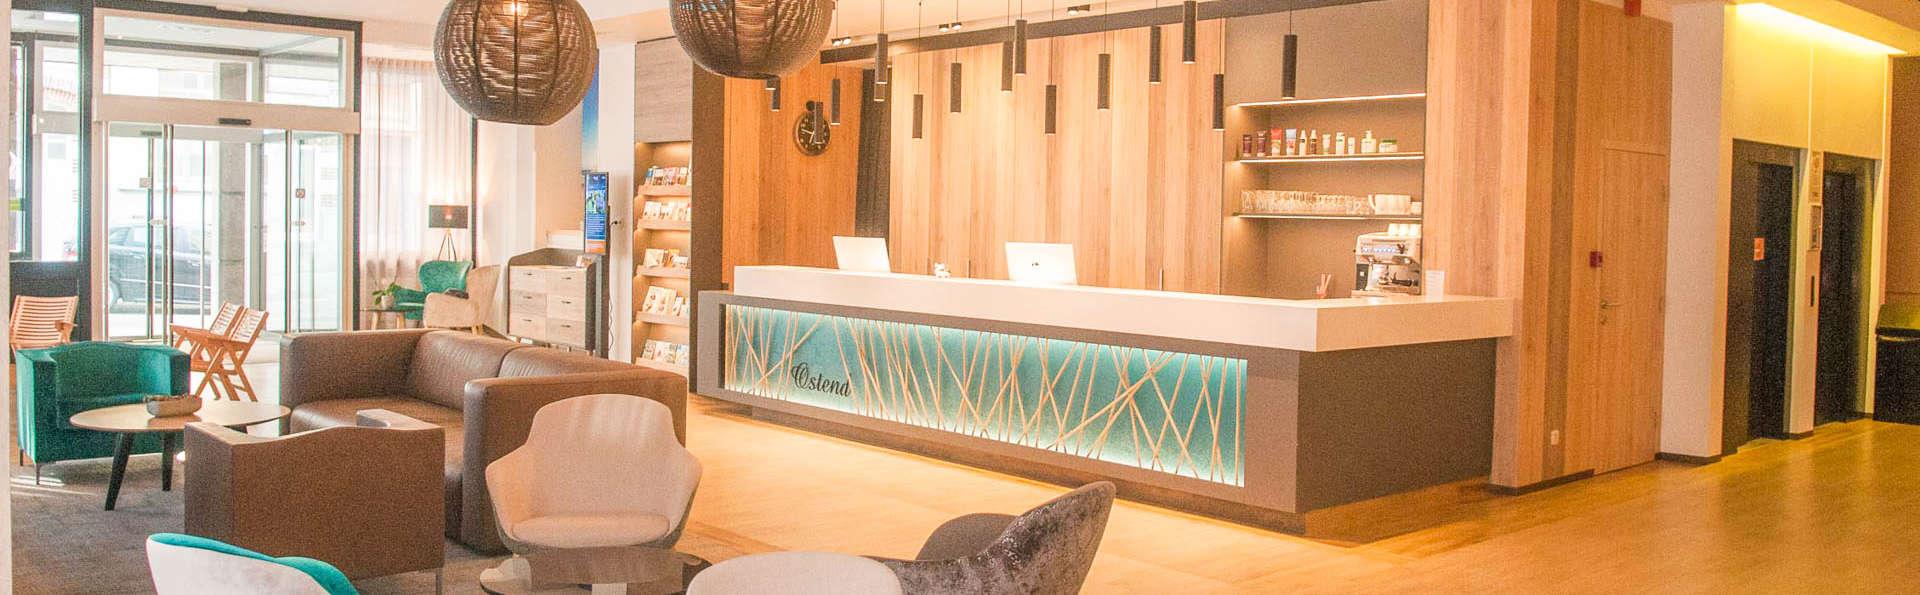 Bouffée d'air frais au bord de la mer avec un délicieux dîner et sauna privé (à partir de 2 nuits)